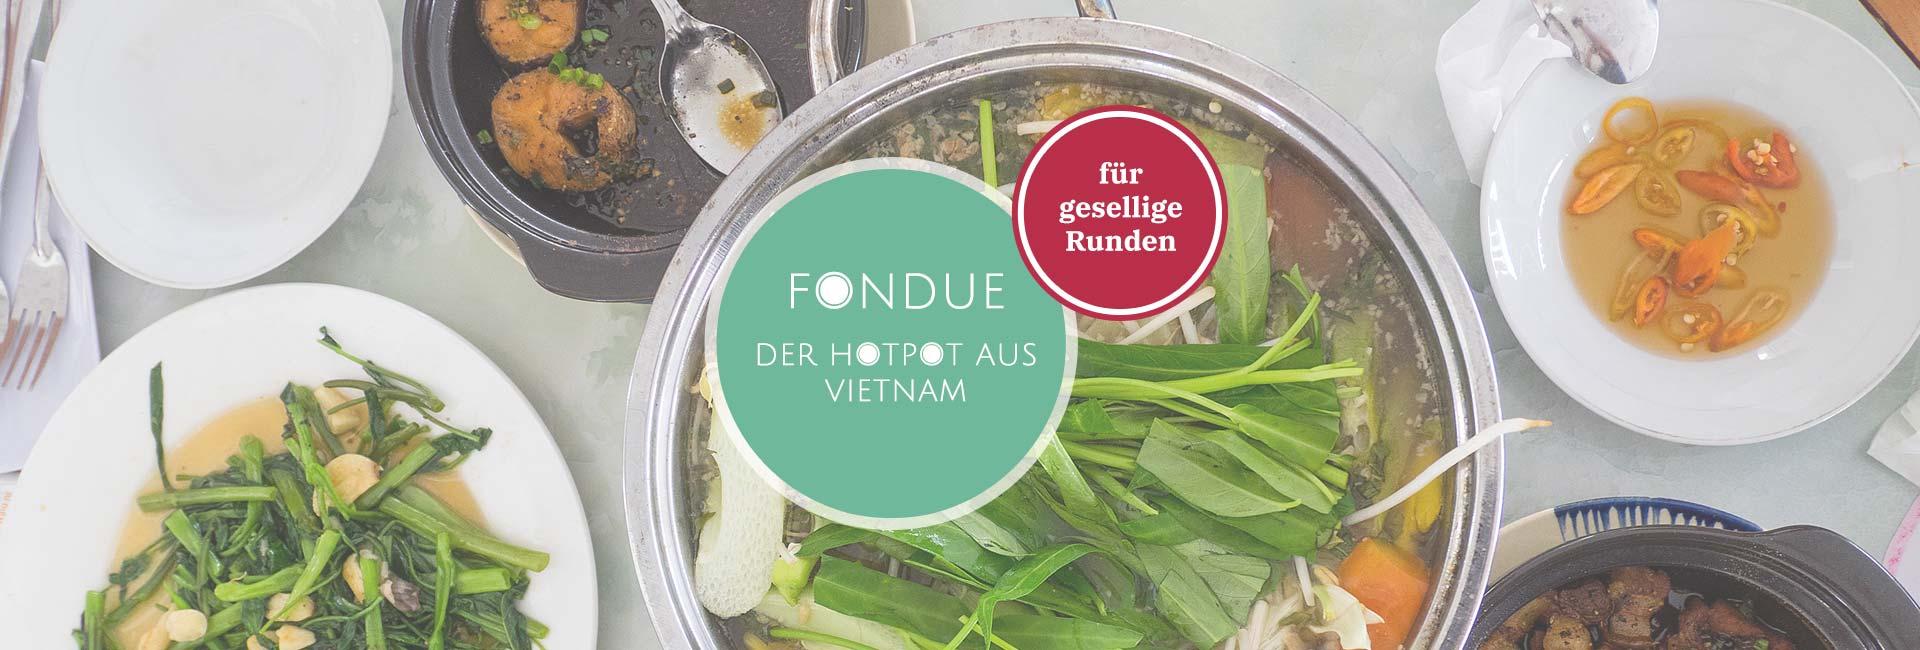 Unser typisch vietnamesisches Fondue